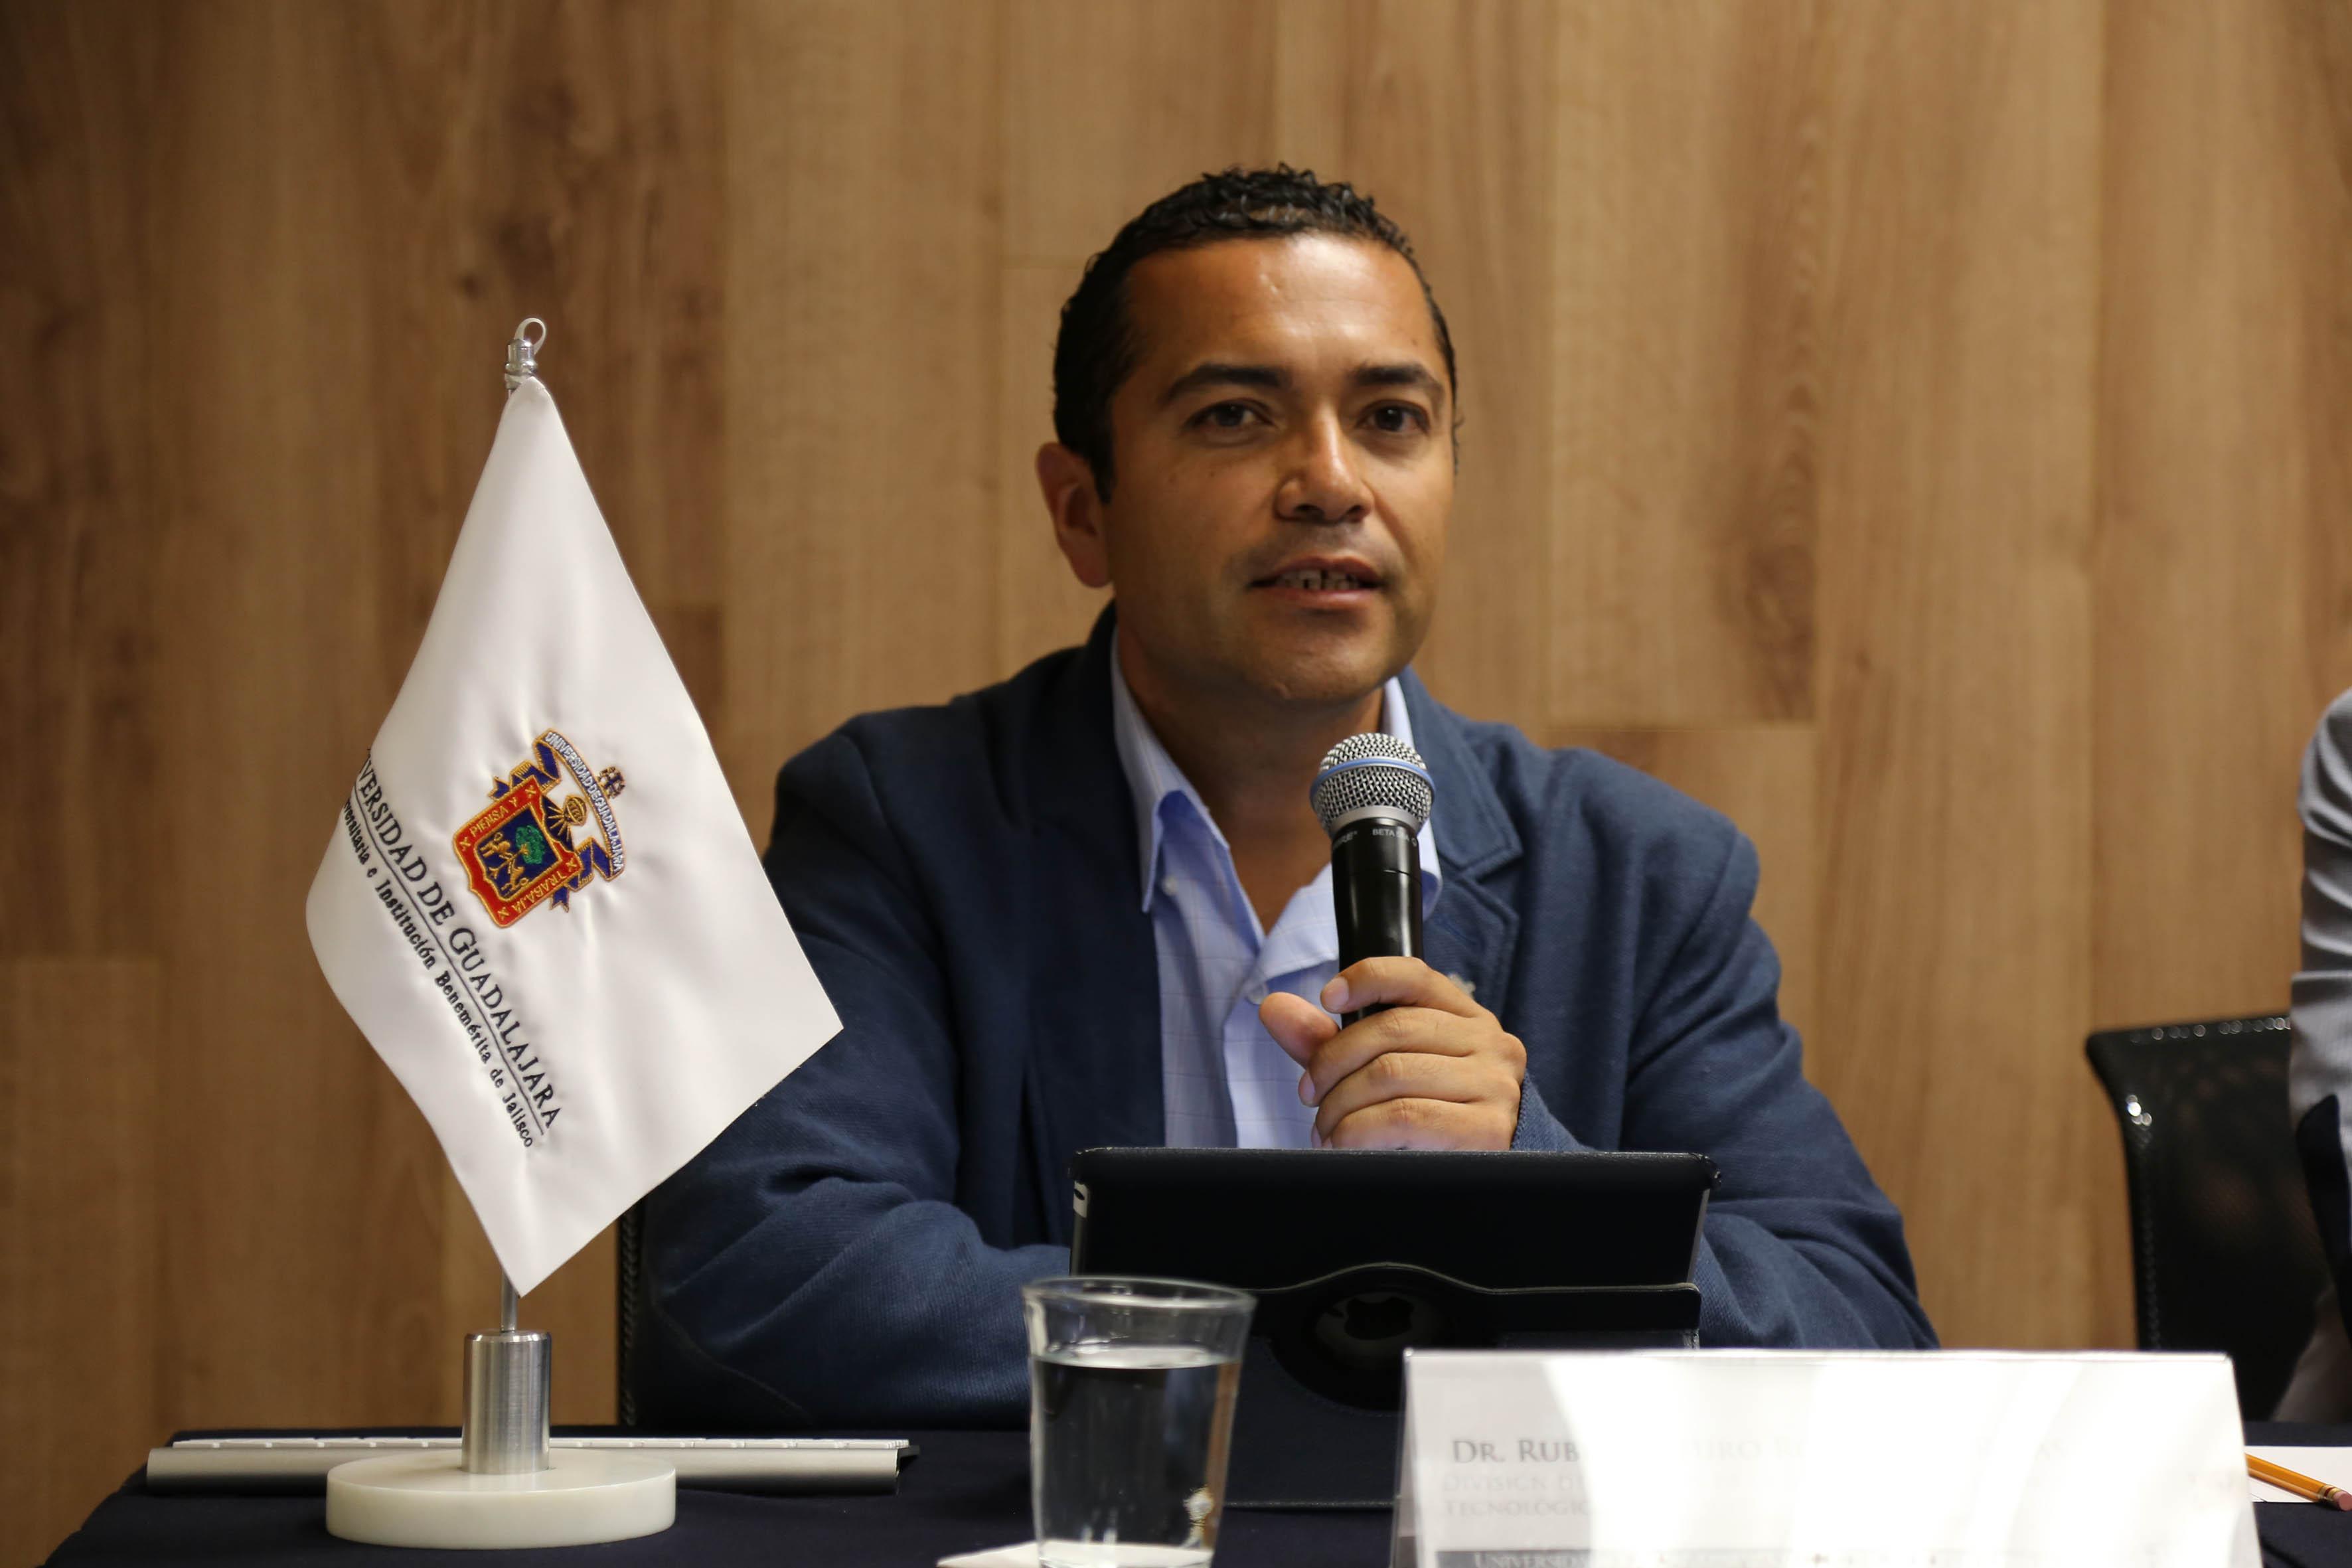 El Dr. Rubén Arturo Rodríguez Rojas